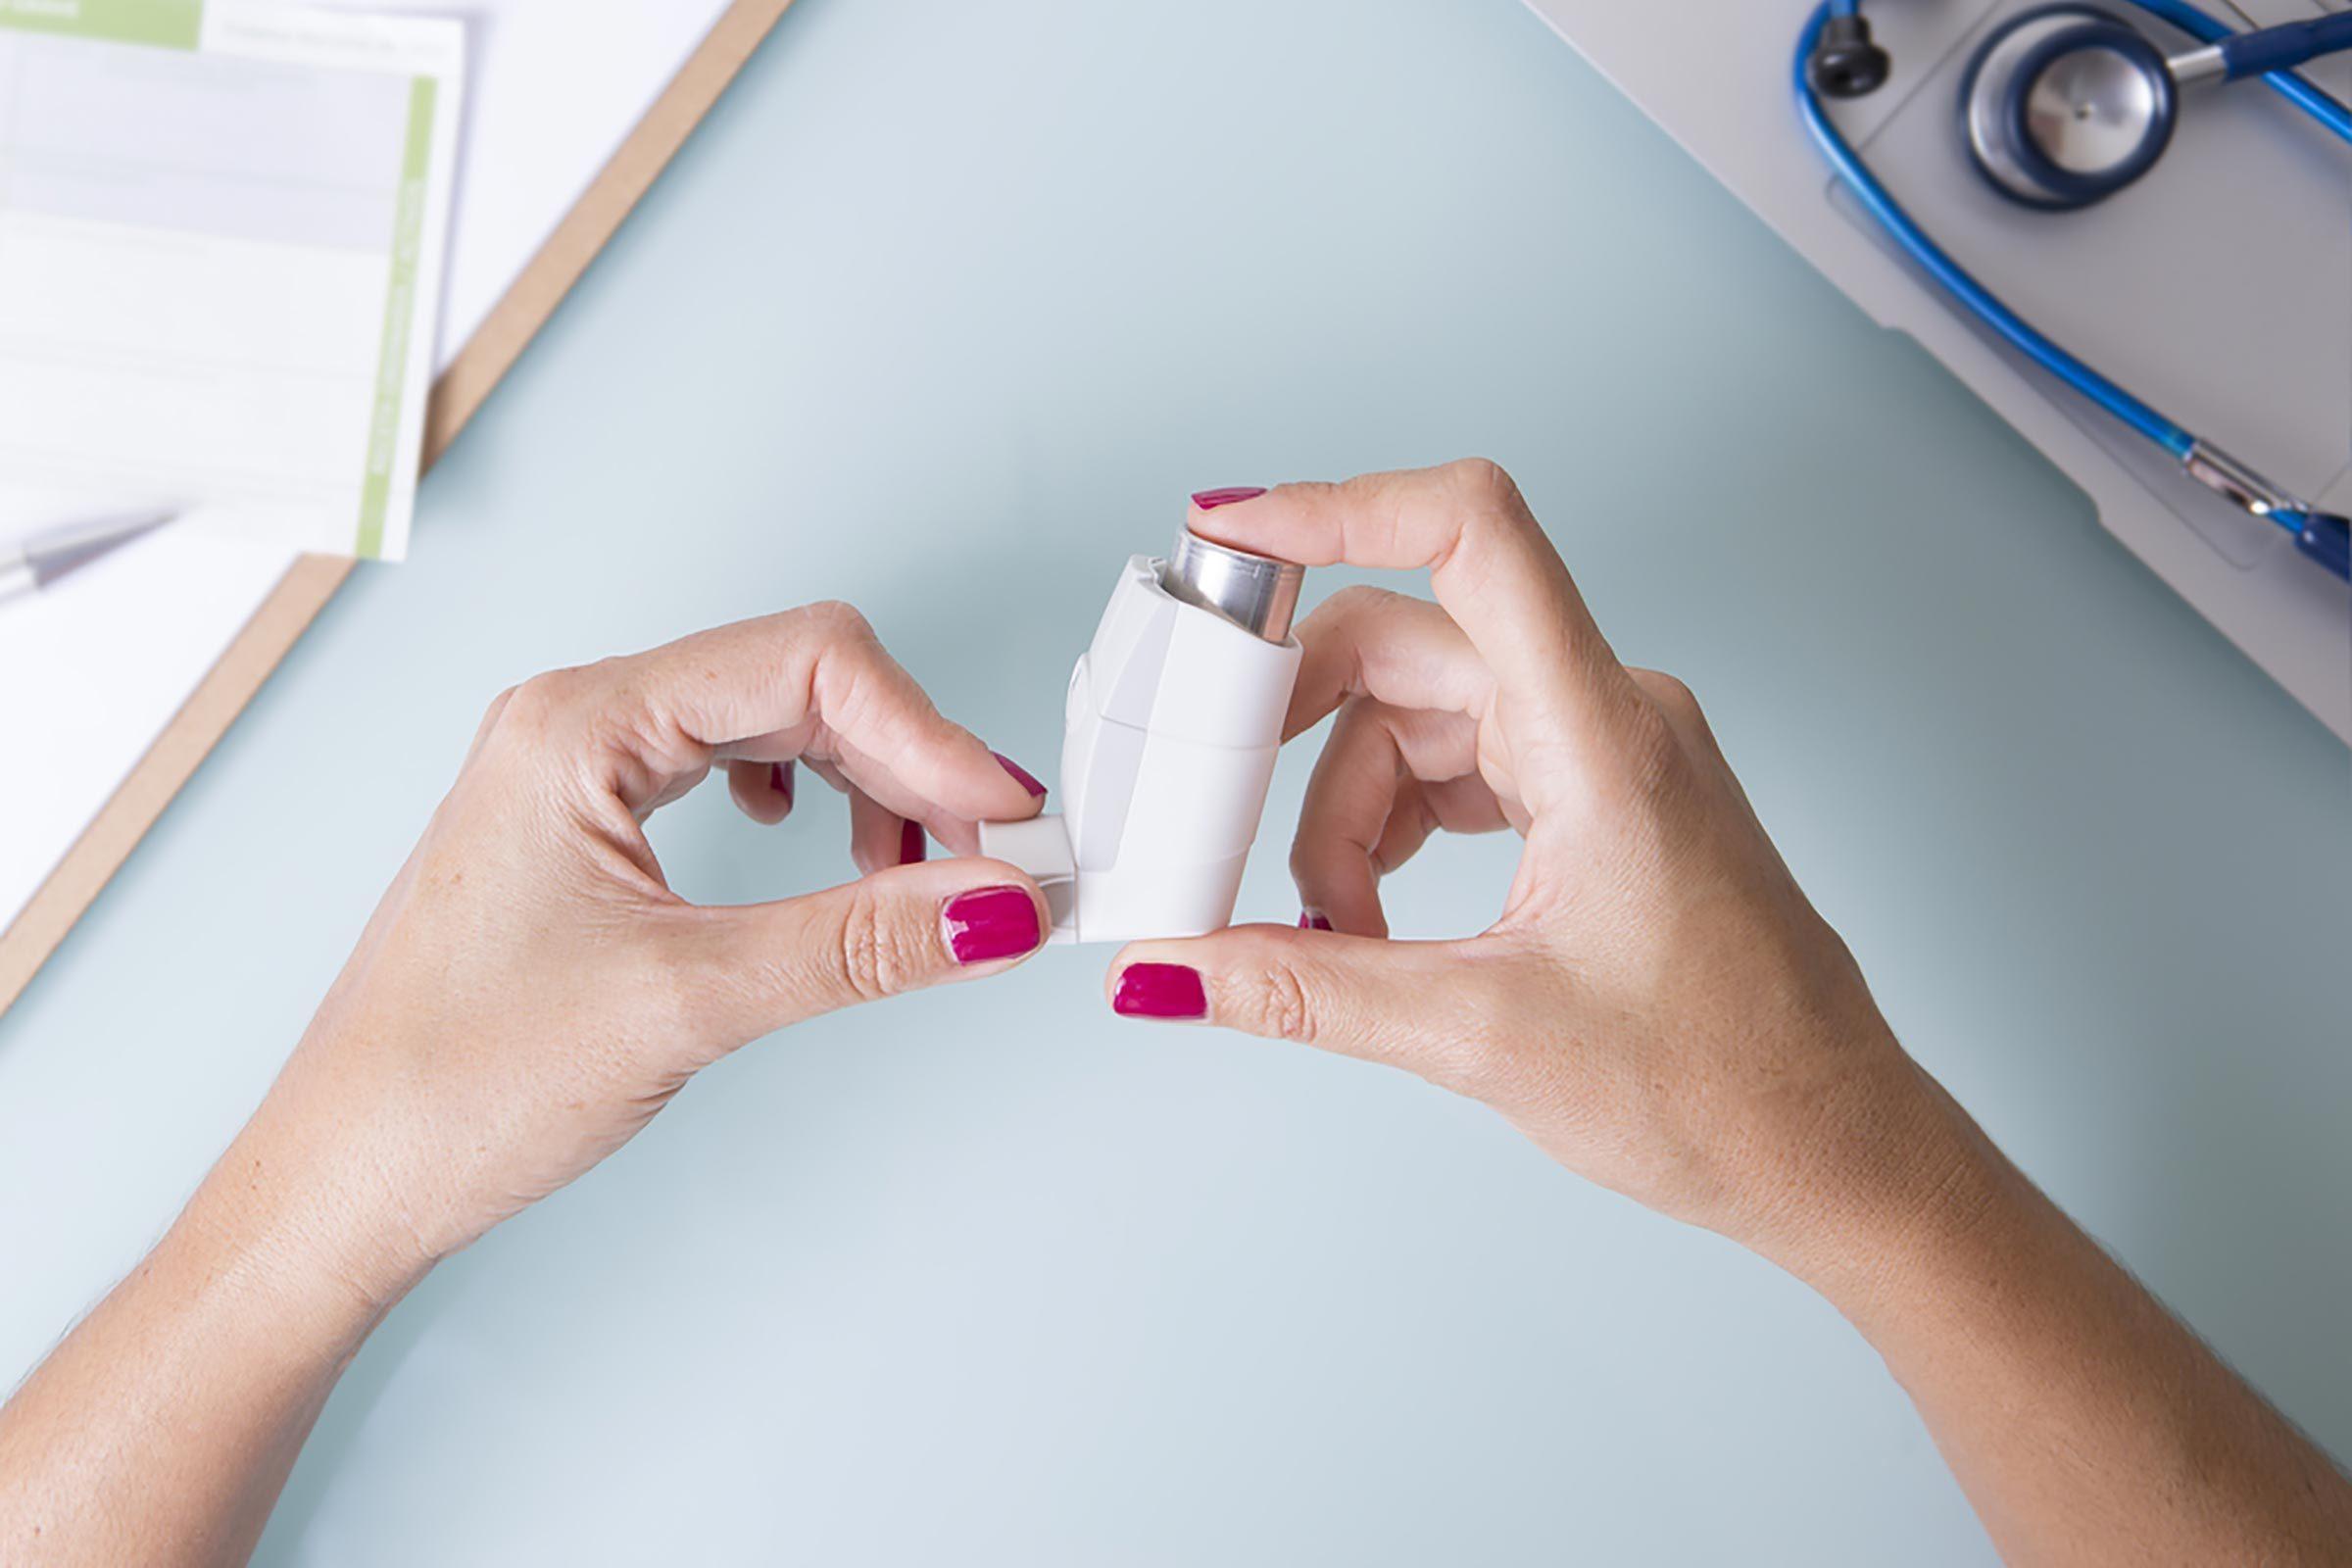 Woman holding an asthma inhaler